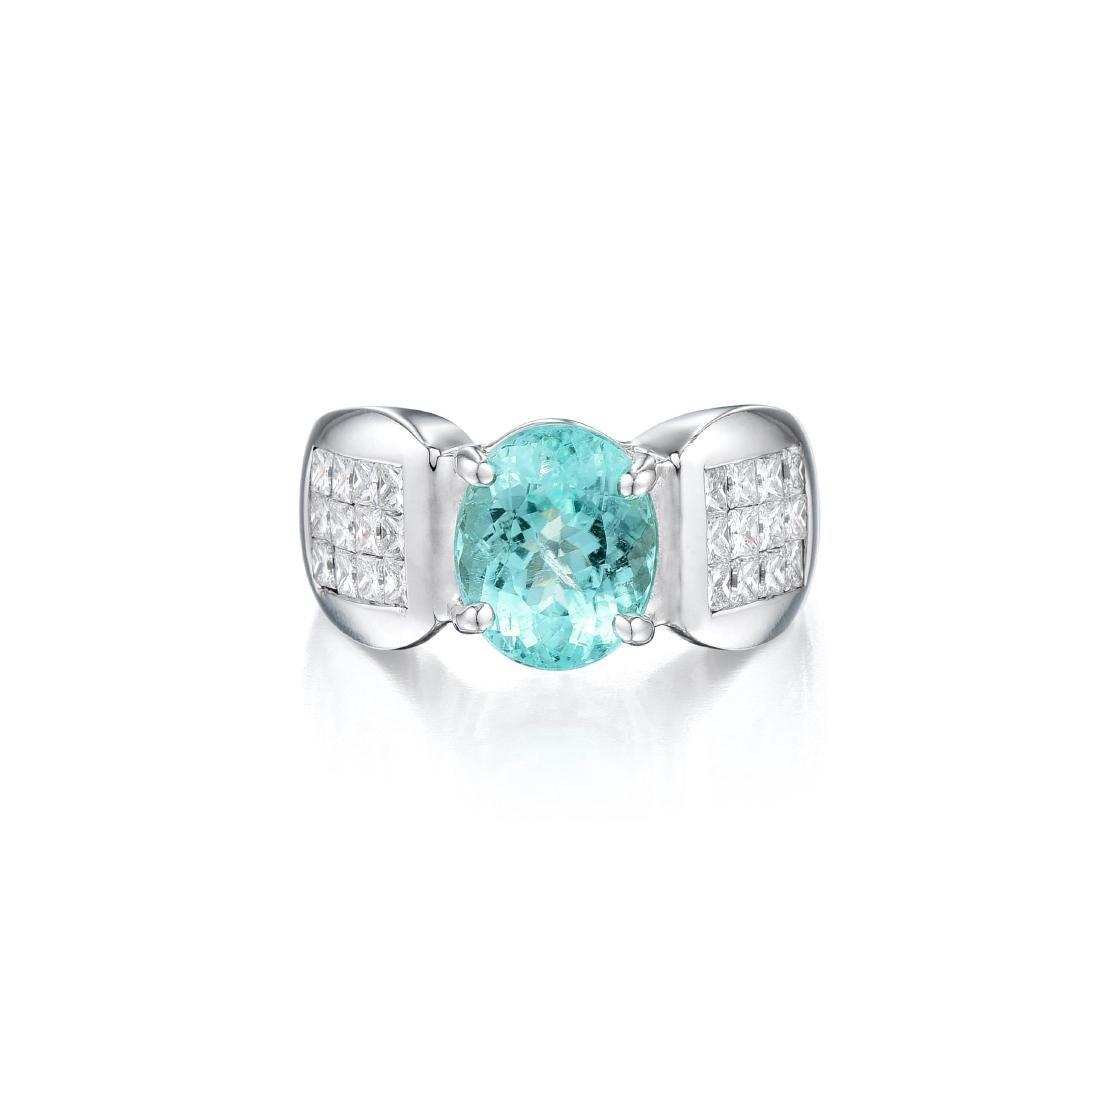 A Paraiba Tourmaline and Diamond Ring